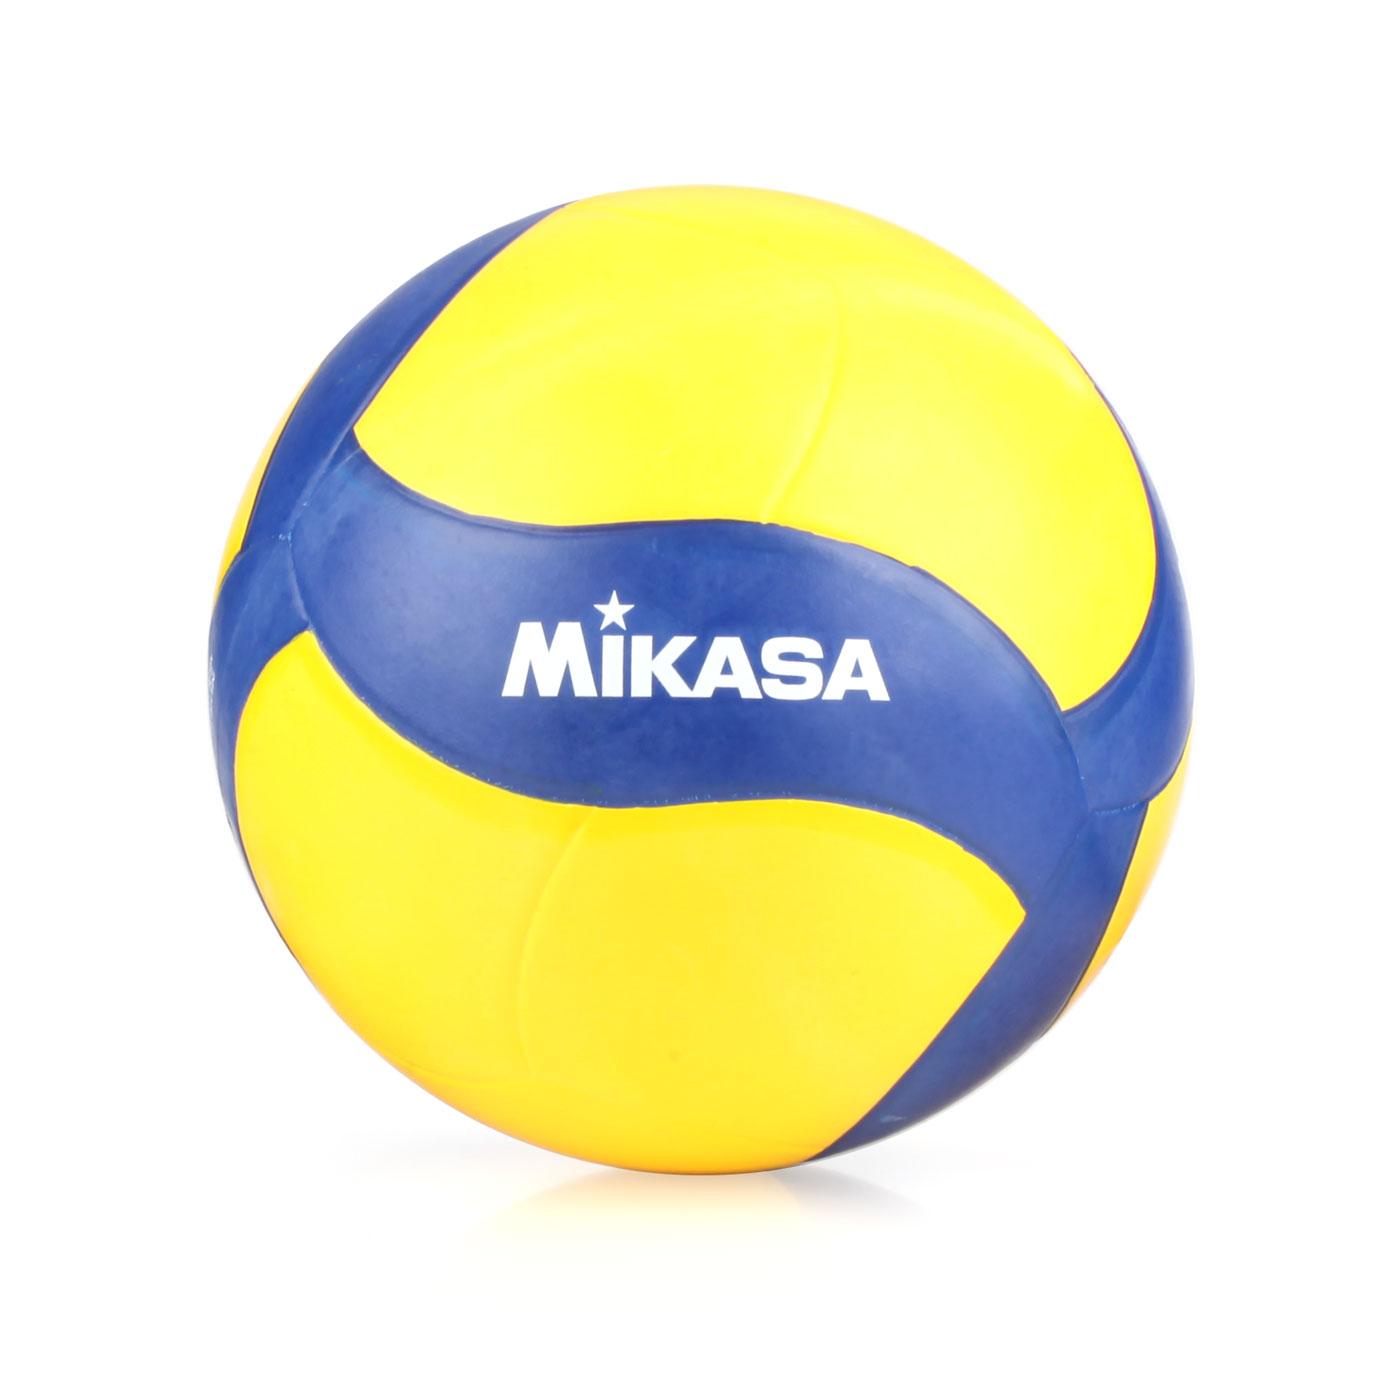 MIKASA 螺旋形橡膠排球 MKV020W